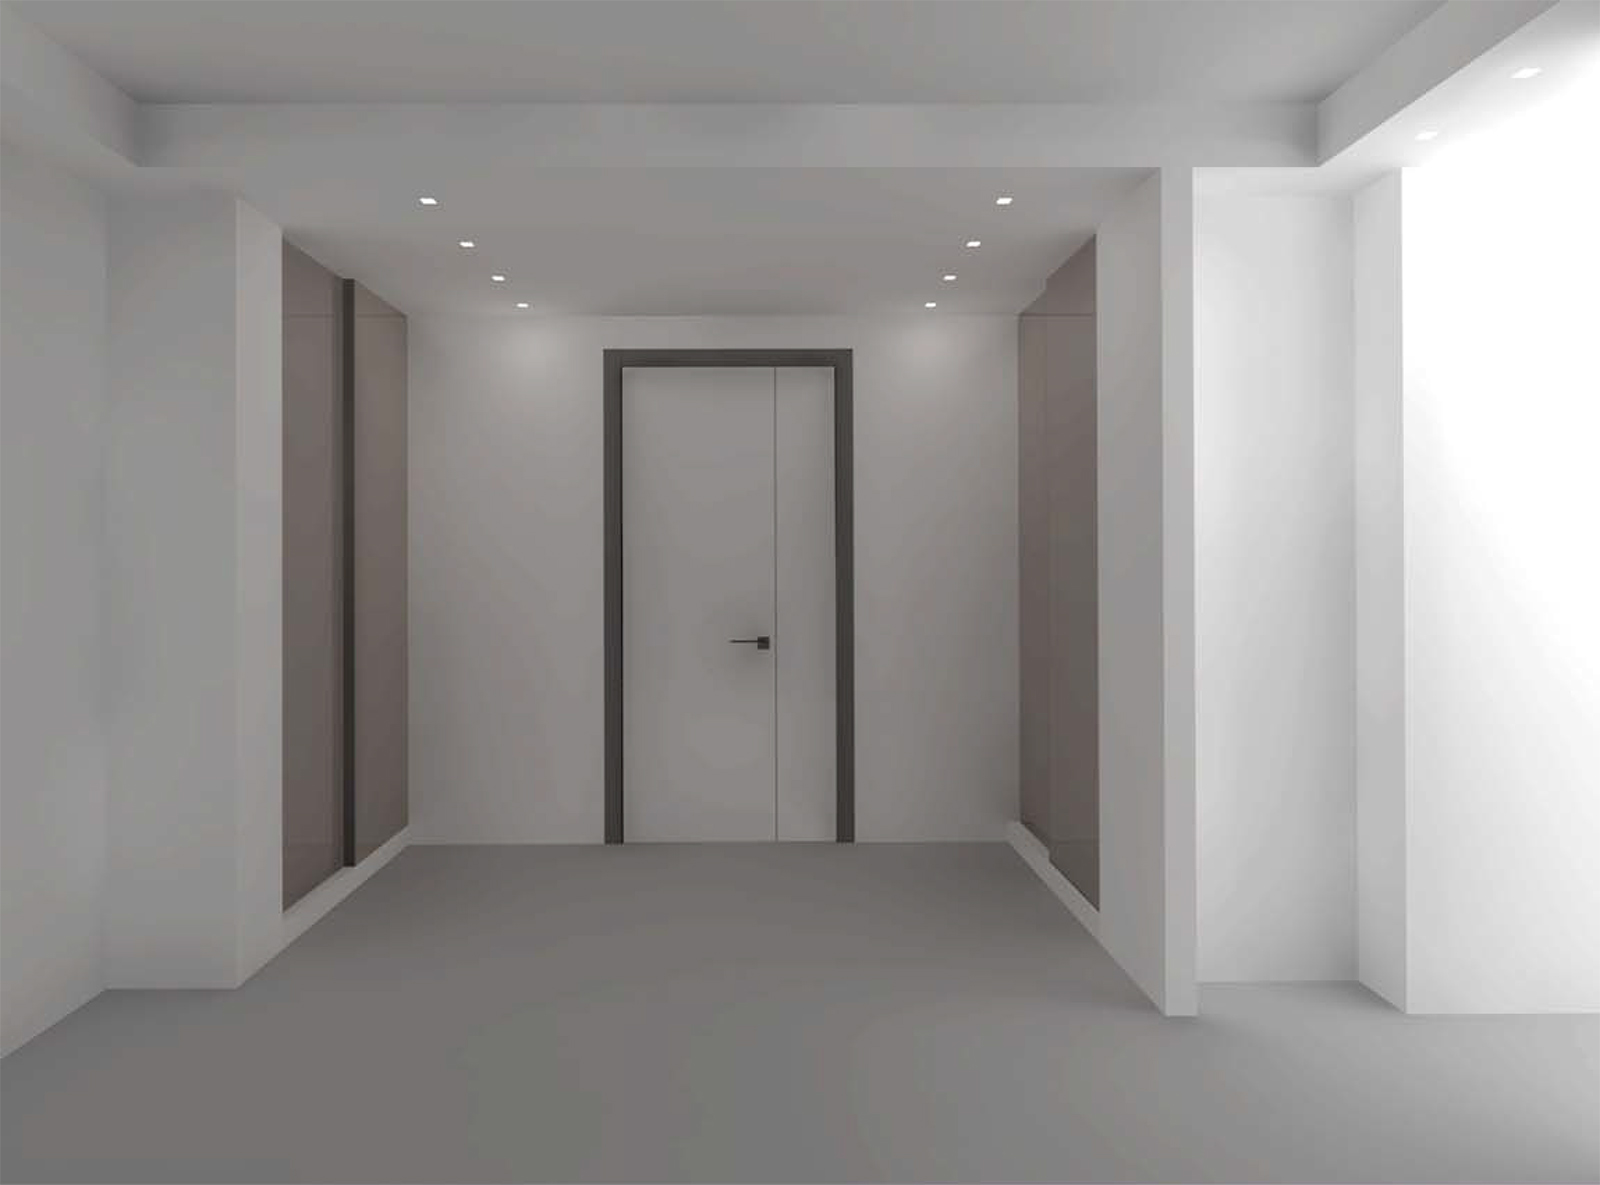 Idee per illuminare l 39 ingresso i faretti illuminazione interni - Idee per illuminare casa ...